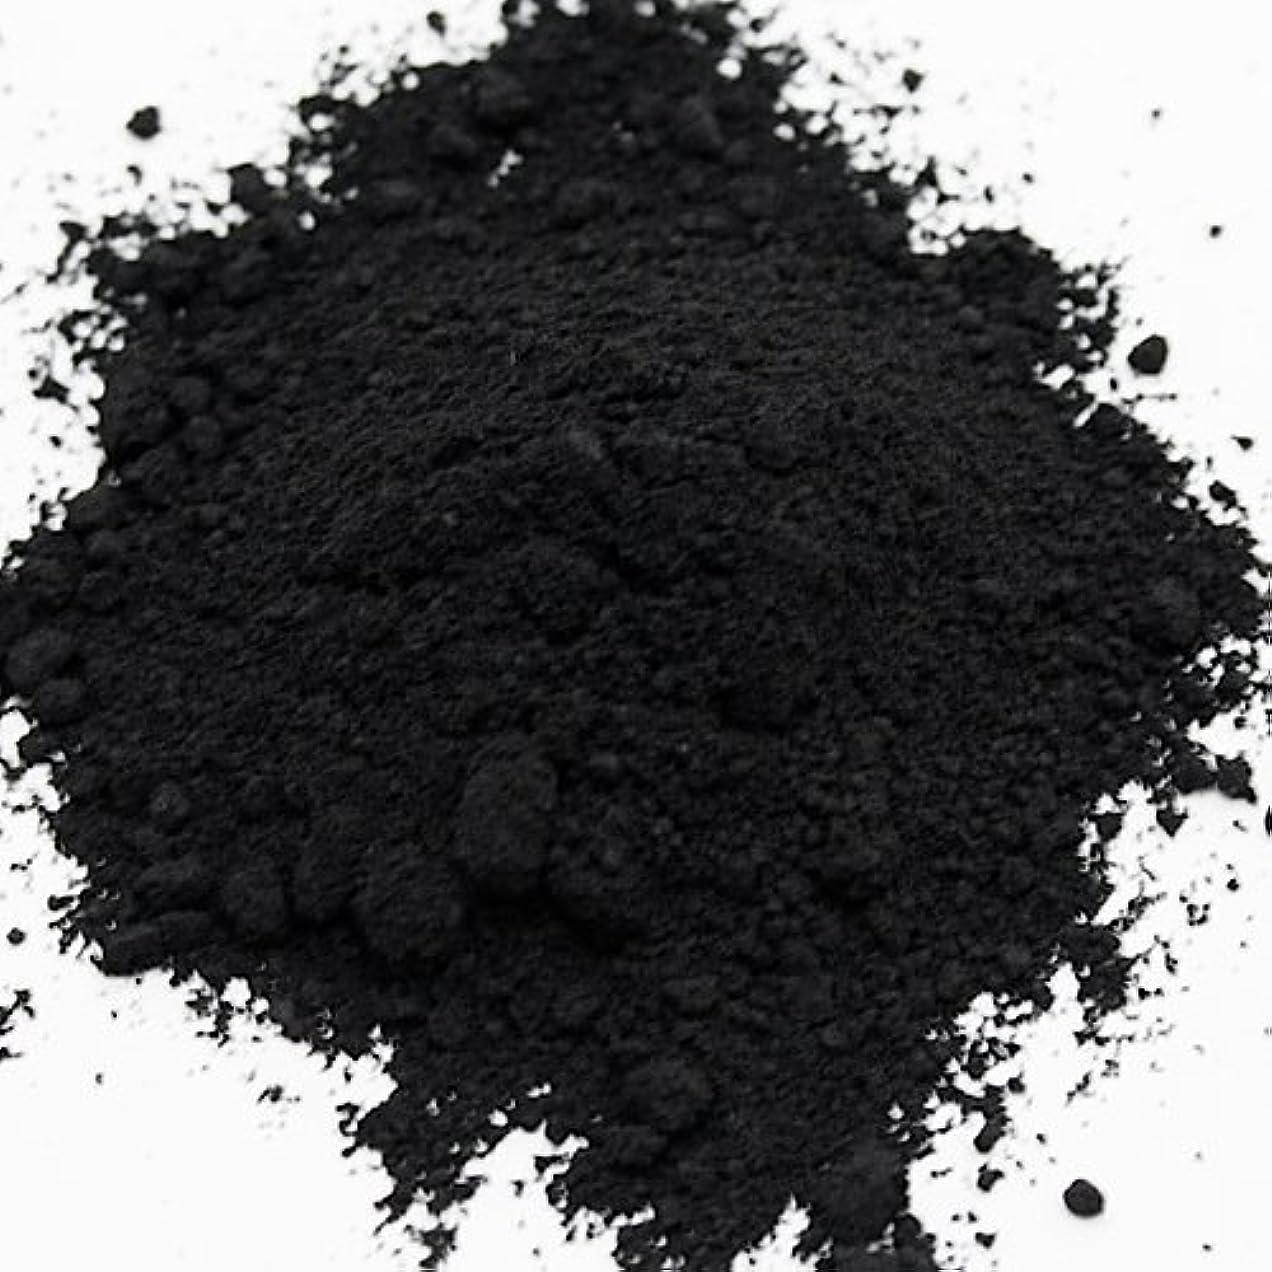 とげのあるクラウン目的酸化鉄 ブラック 5g 【手作り石鹸/手作りコスメ/色付け/カラーラント/黒】